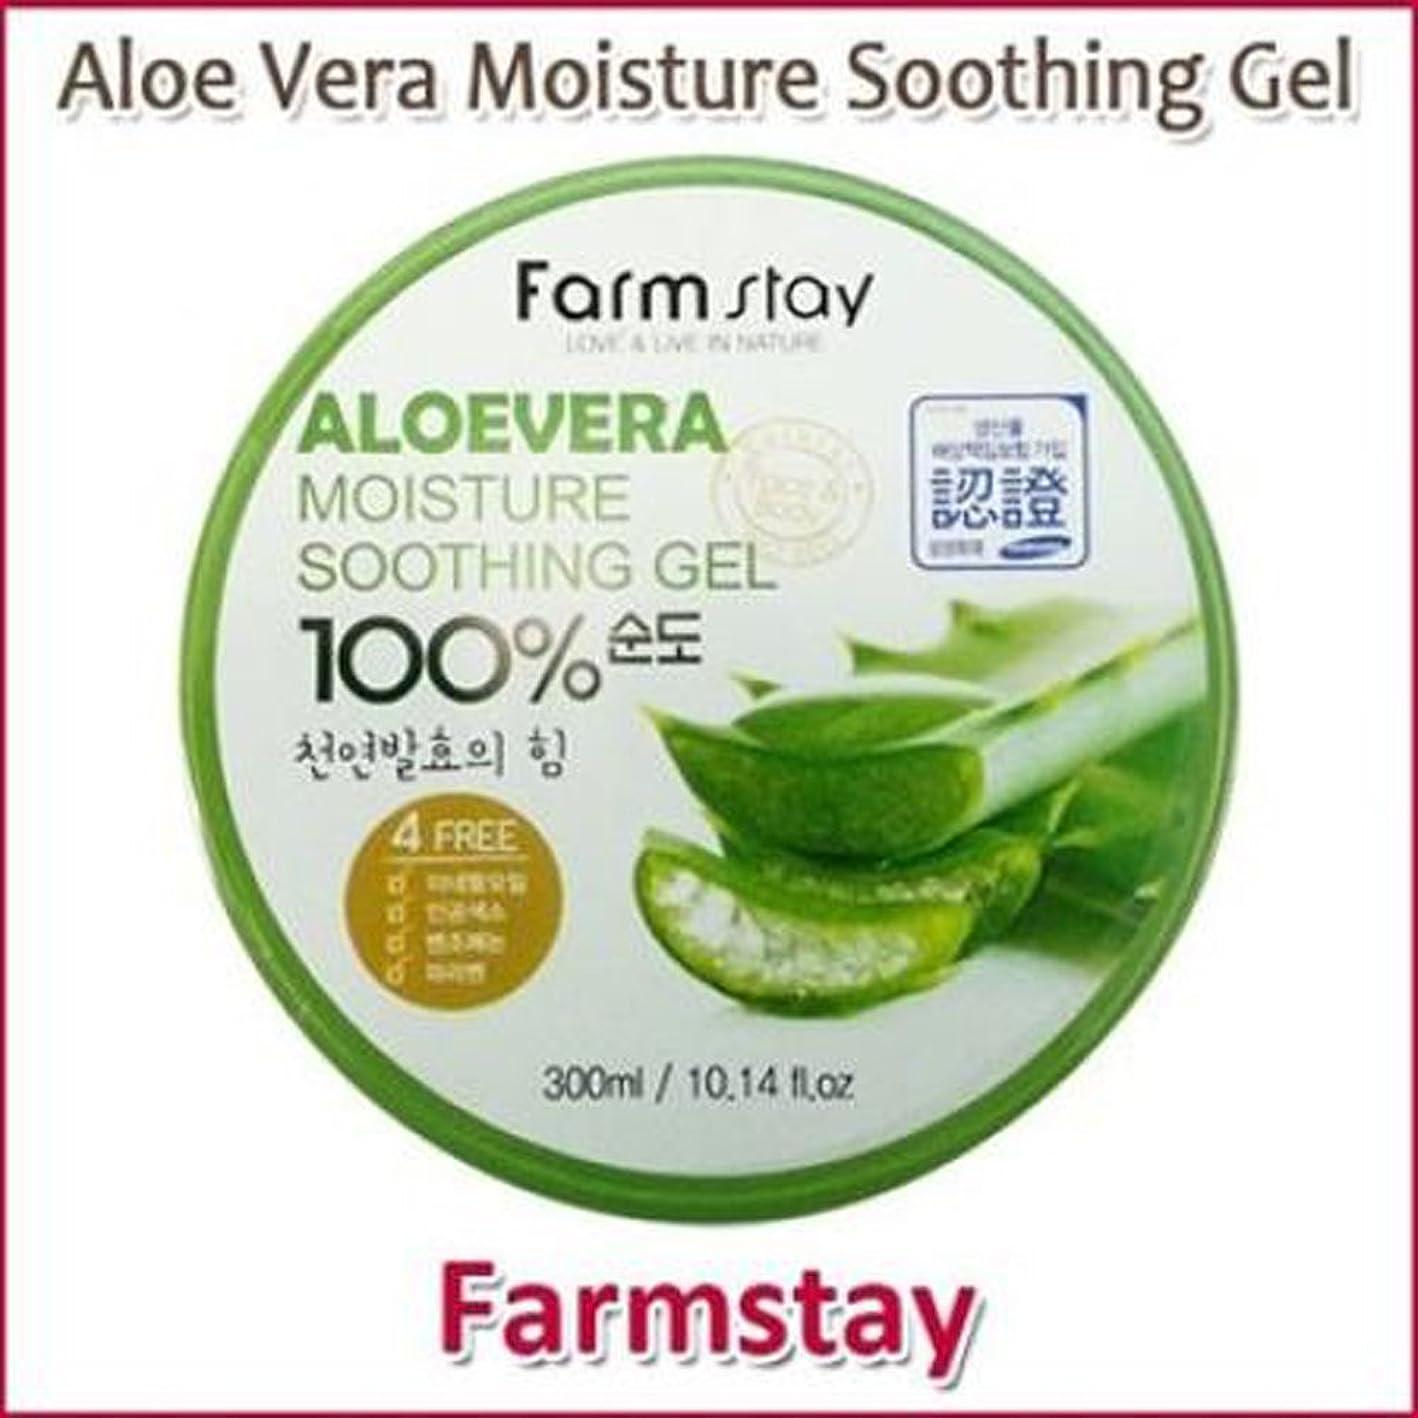 五時間厳守サンダースFarm Stay Aloe Vera Moisture Soothing Gel 300ml /オーガニック アロエベラゲル 100%/保湿ケア/韓国コスメ/Aloe Vera 100% /Moisturizing [並行輸入品]